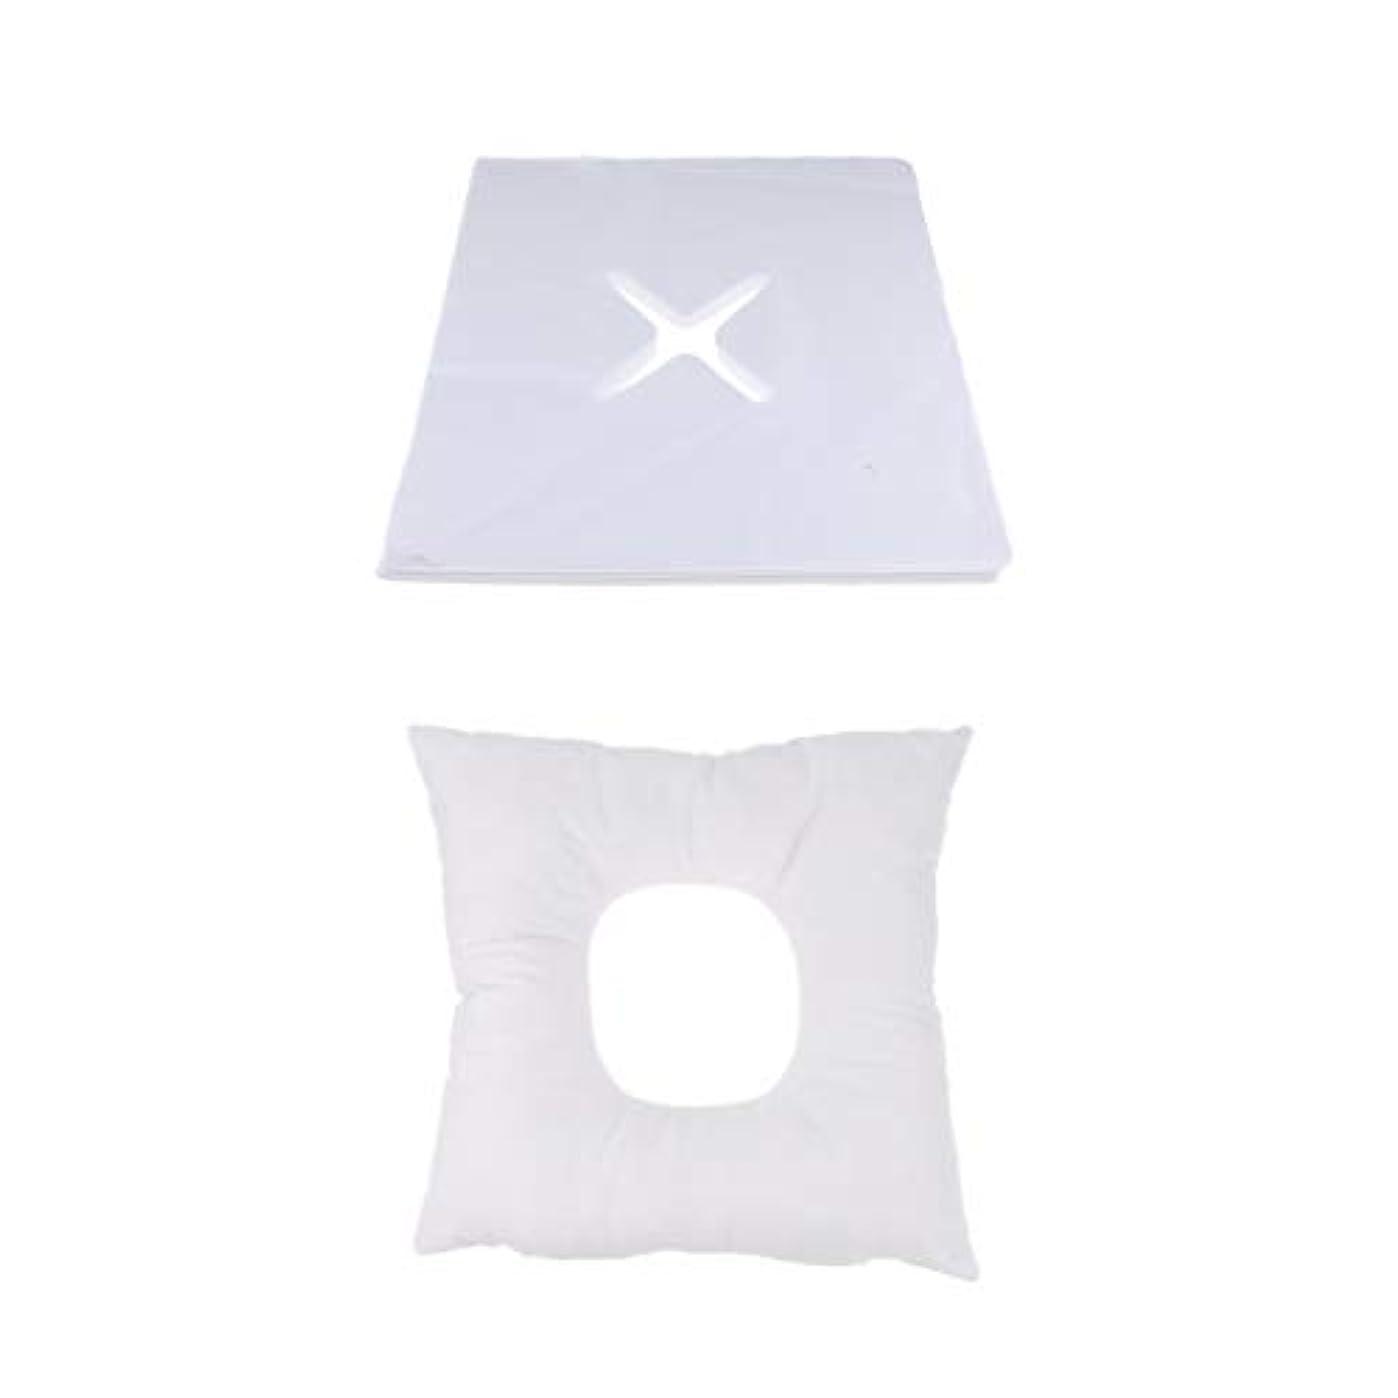 苦痛ダッシュ実験室マッサージ枕 顔枕 フェイスマット 200個使い捨てカバー付き 柔らかく快適